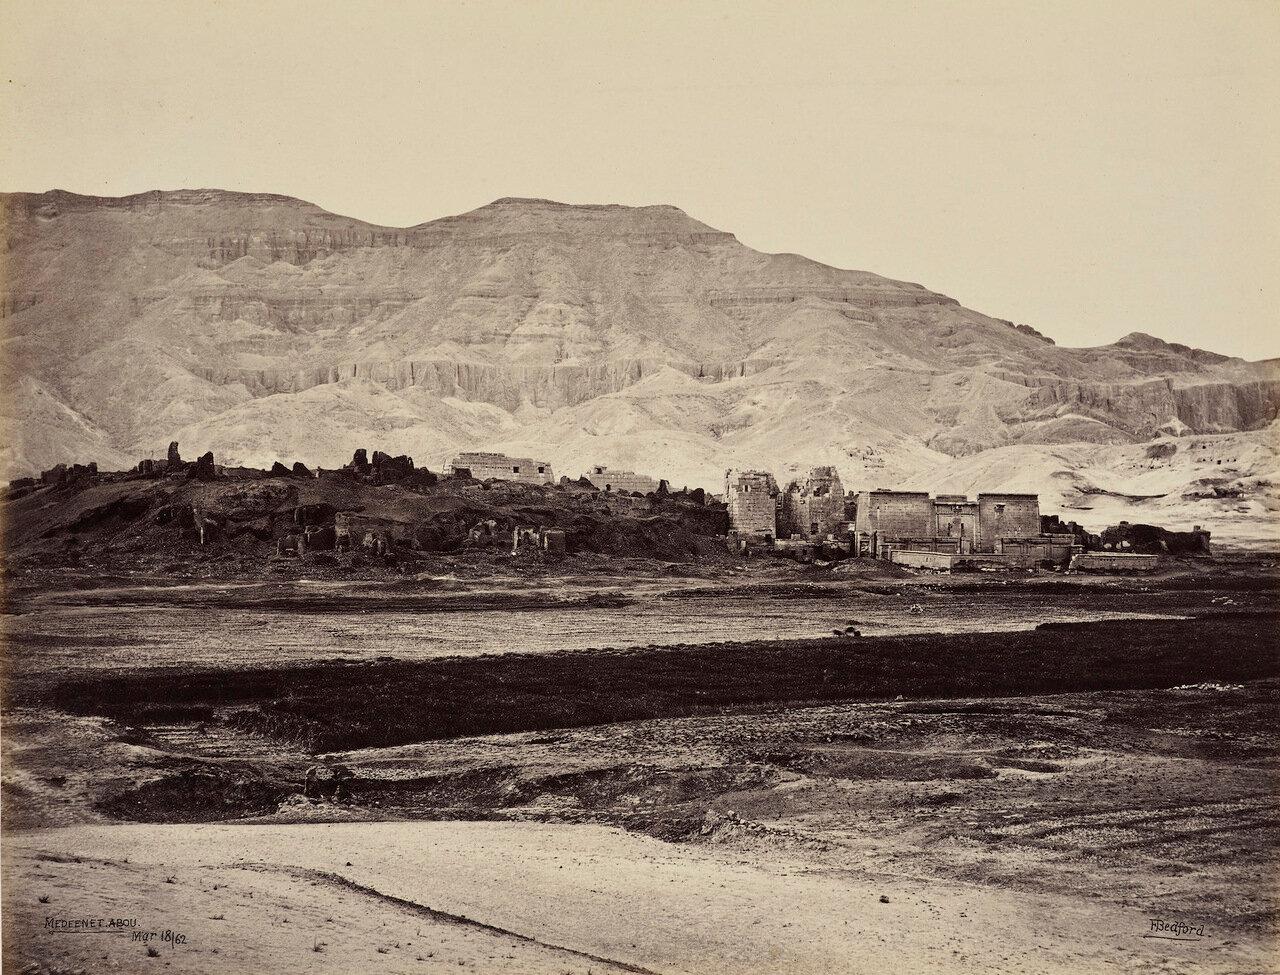 18 марта 1862. Общий вид Мединет Абу, Фивы